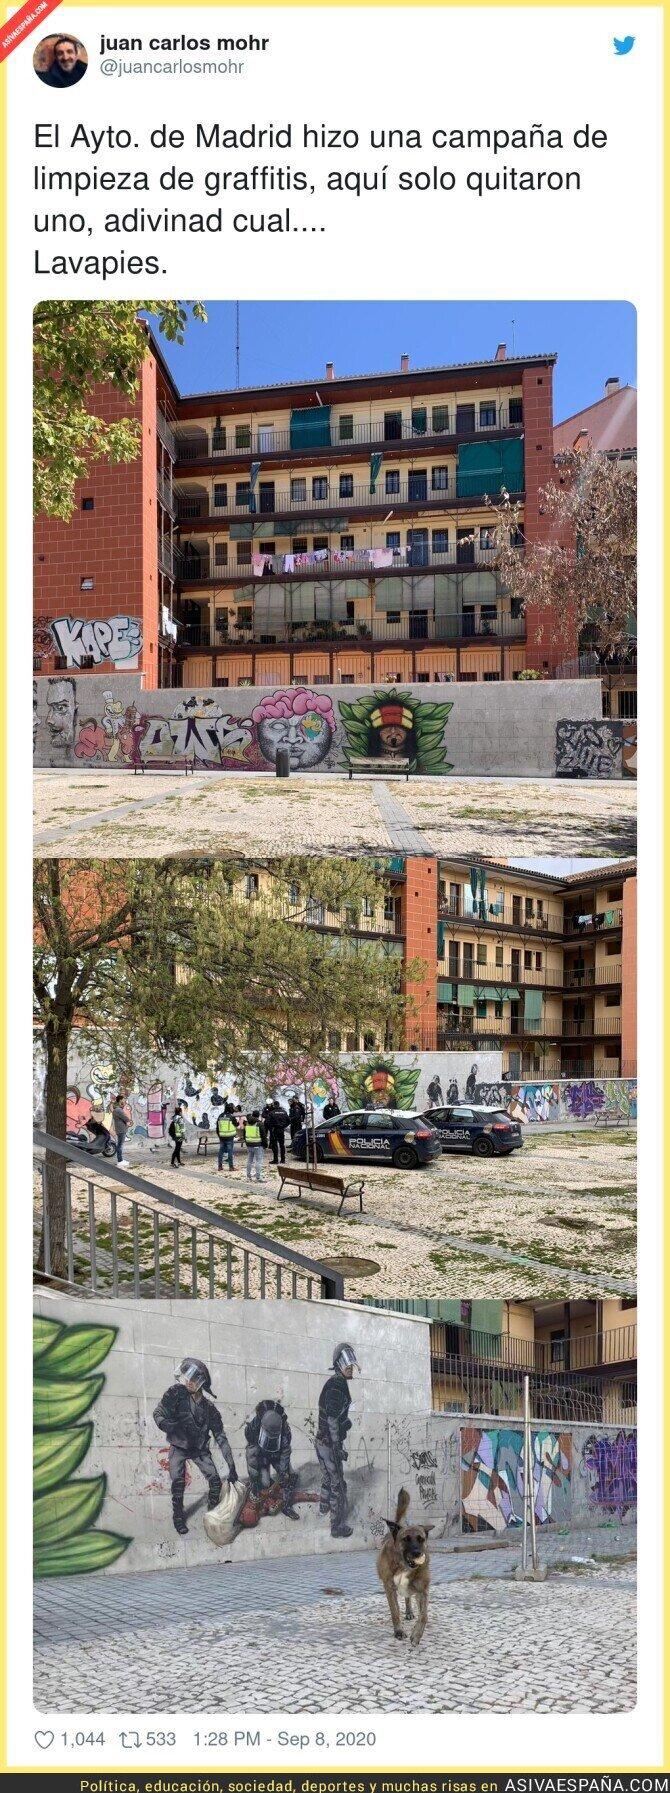 360047 - El ayuntamiento de Madrid es selectivo a la hora de borrar graffitis